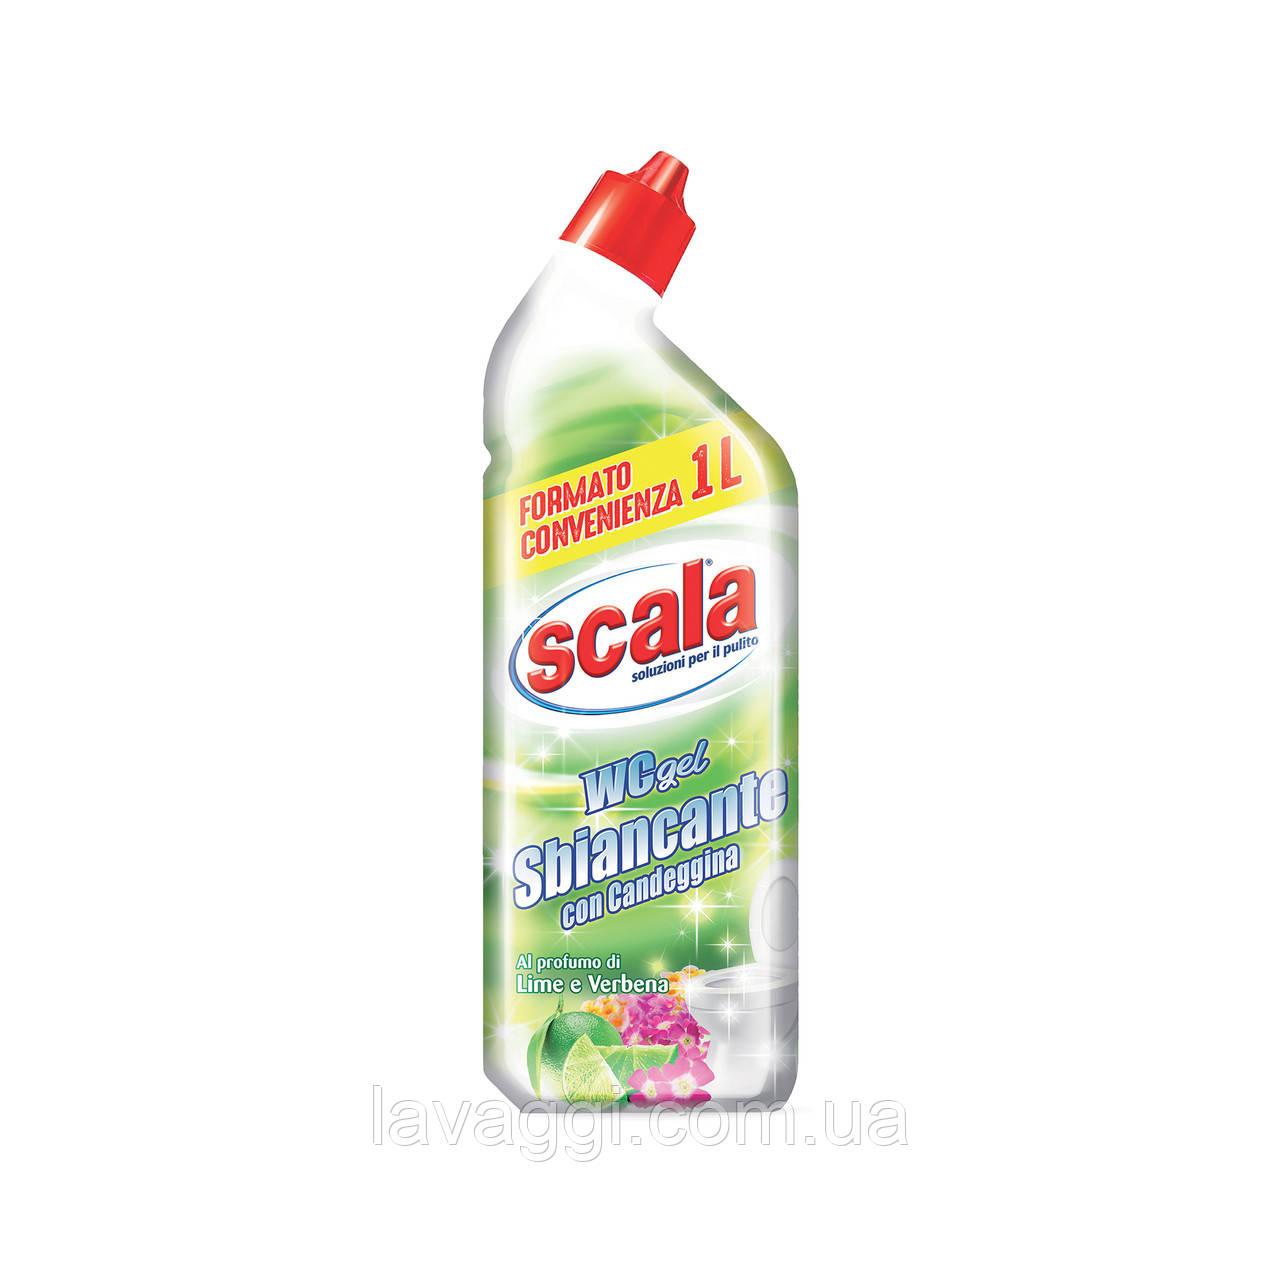 Гель для прибирання туалету з відбілювачем і ароматами лайма і вербени SCALA WC gel Sbiancante 1000 ml